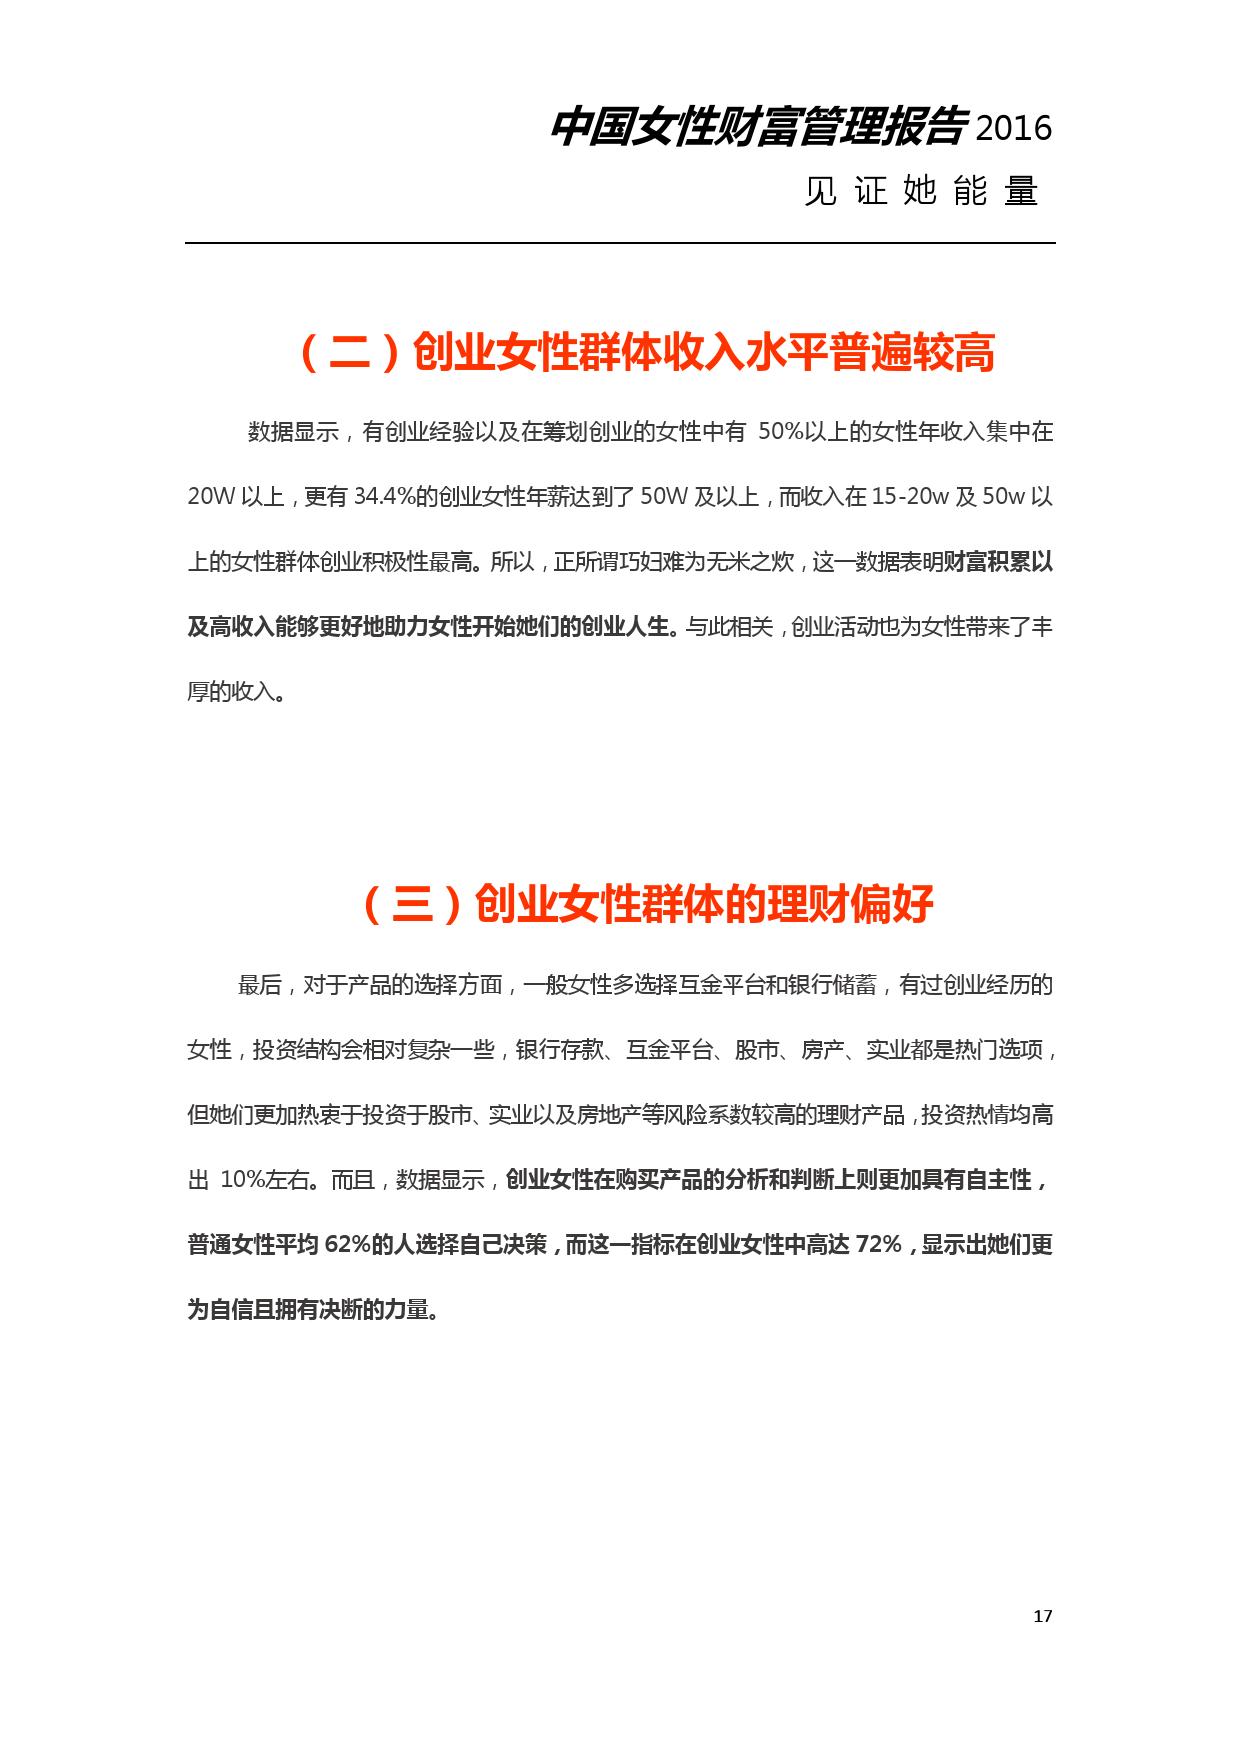 2016年中国女性财富管理报告_000017